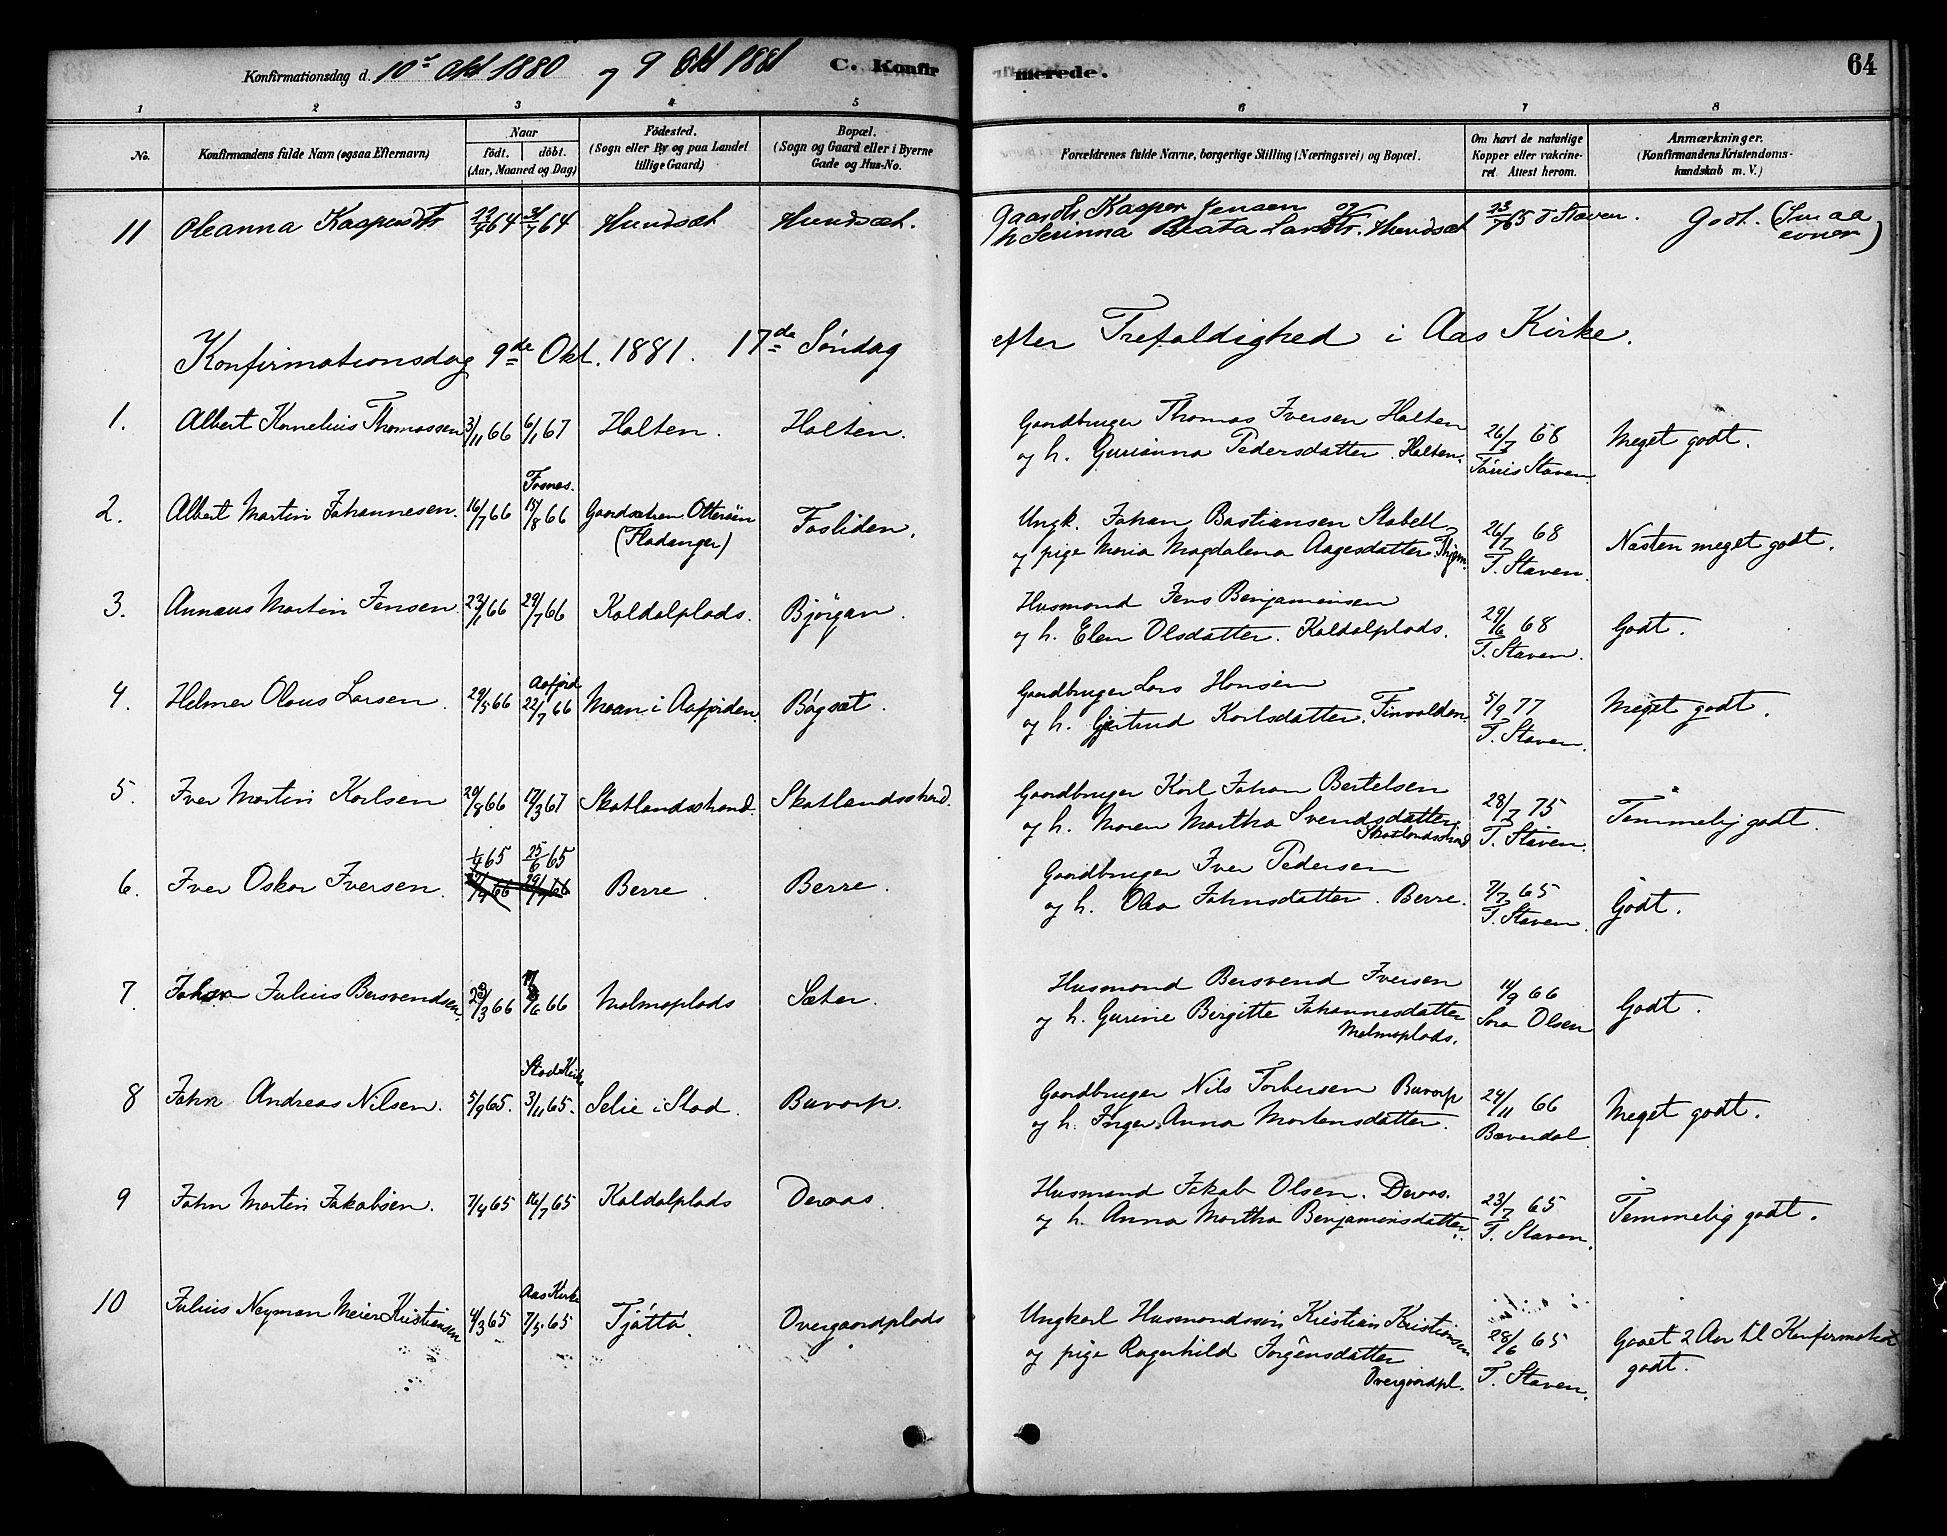 SAT, Ministerialprotokoller, klokkerbøker og fødselsregistre - Nord-Trøndelag, 742/L0408: Ministerialbok nr. 742A01, 1878-1890, s. 64